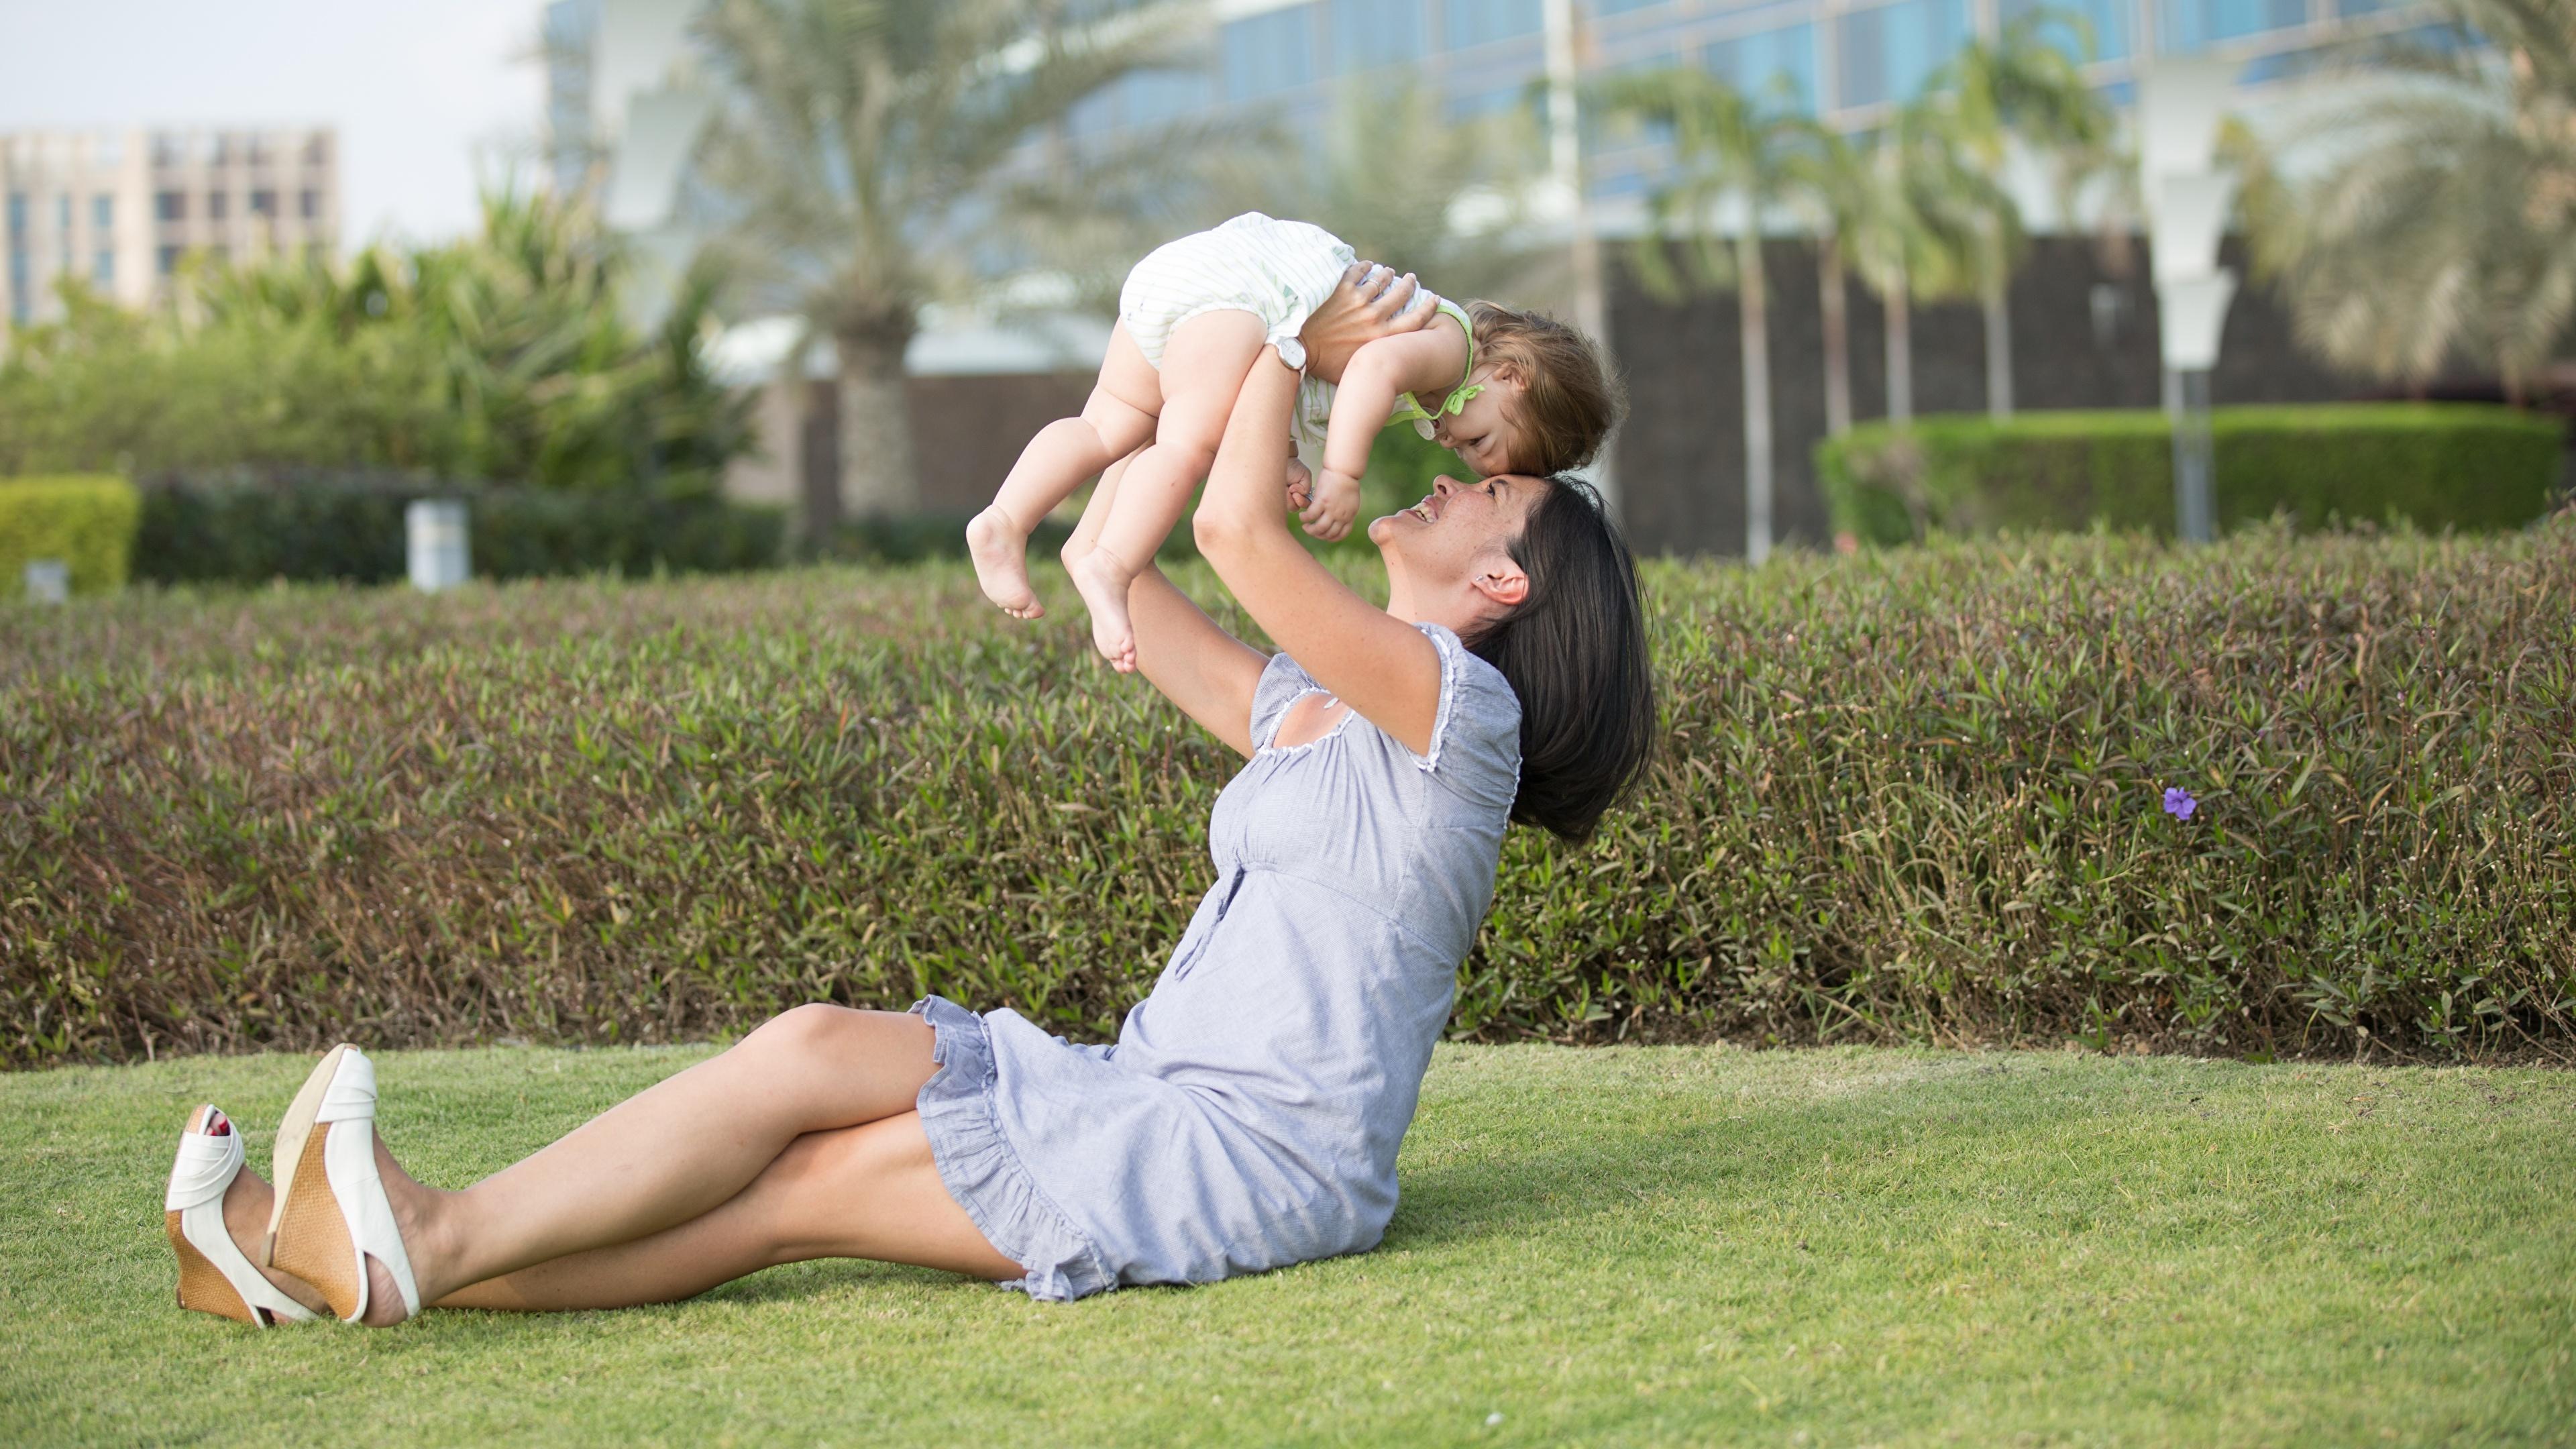 Фотографии грудной ребёнок брюнетки Мать Дети Лето Любовь Сидит 3840x2160 младенца младенец Младенцы брюнеток Брюнетка Мама ребёнок сидя сидящие